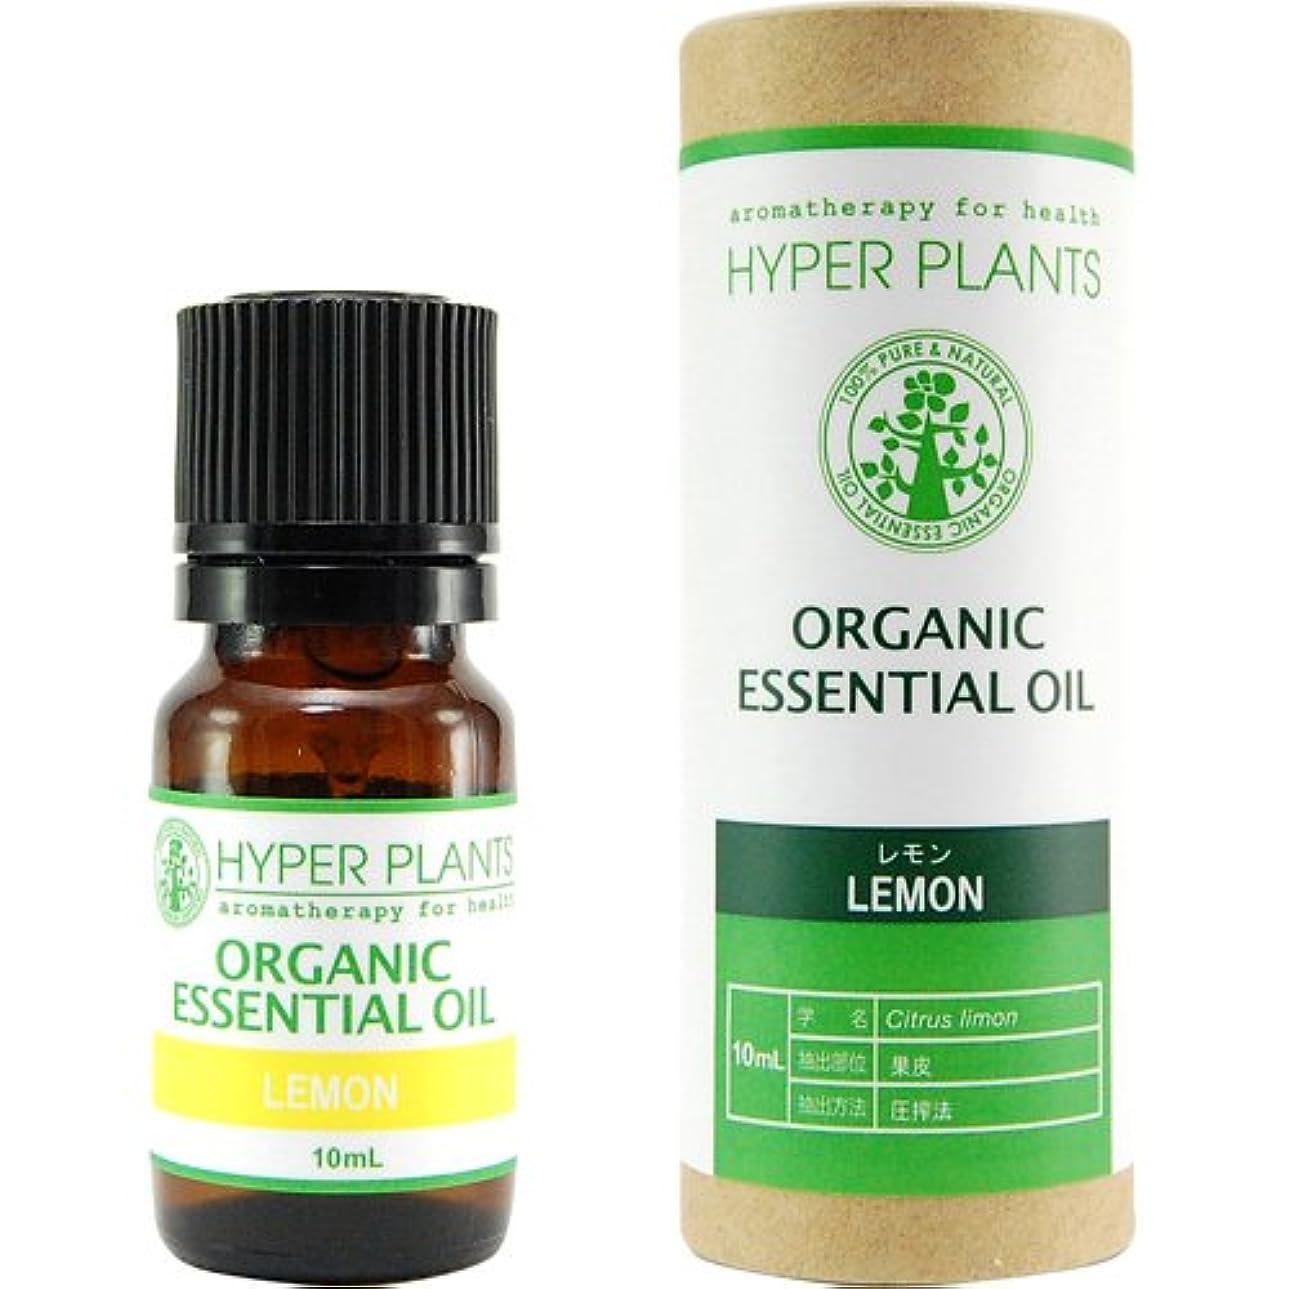 猫背控えめな高潔なHYPER PLANTS ハイパープランツ オーガニックエッセンシャルオイル レモン 10ml HE0218